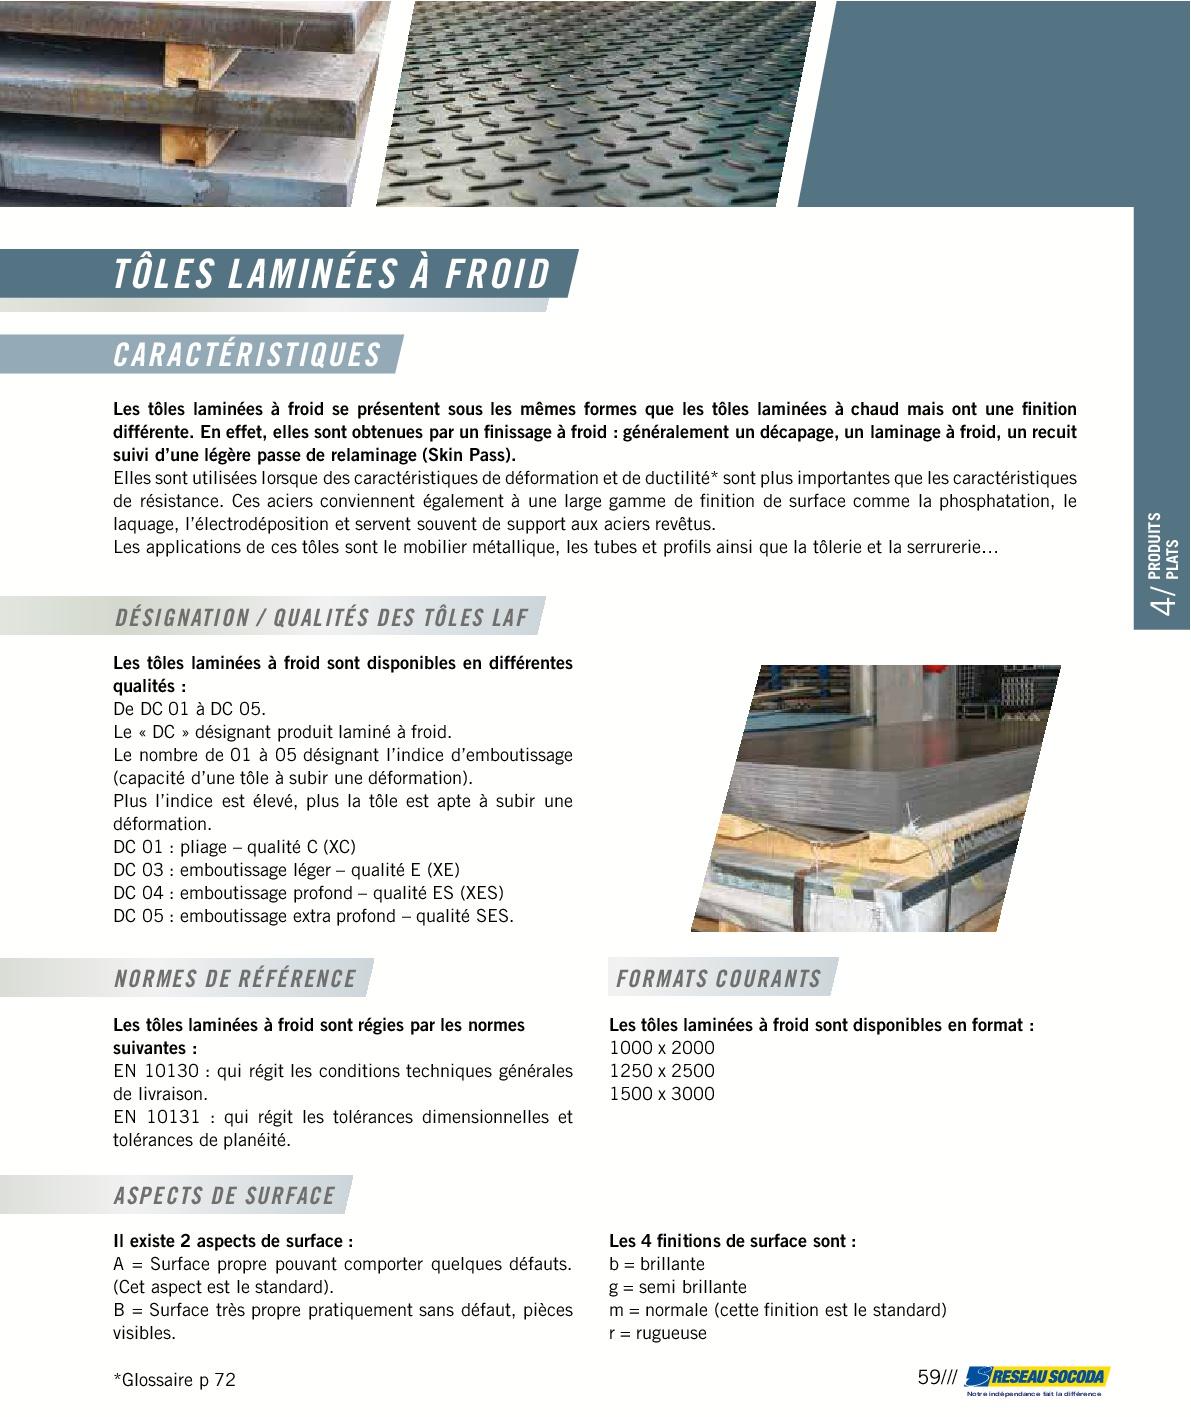 catalogue-059